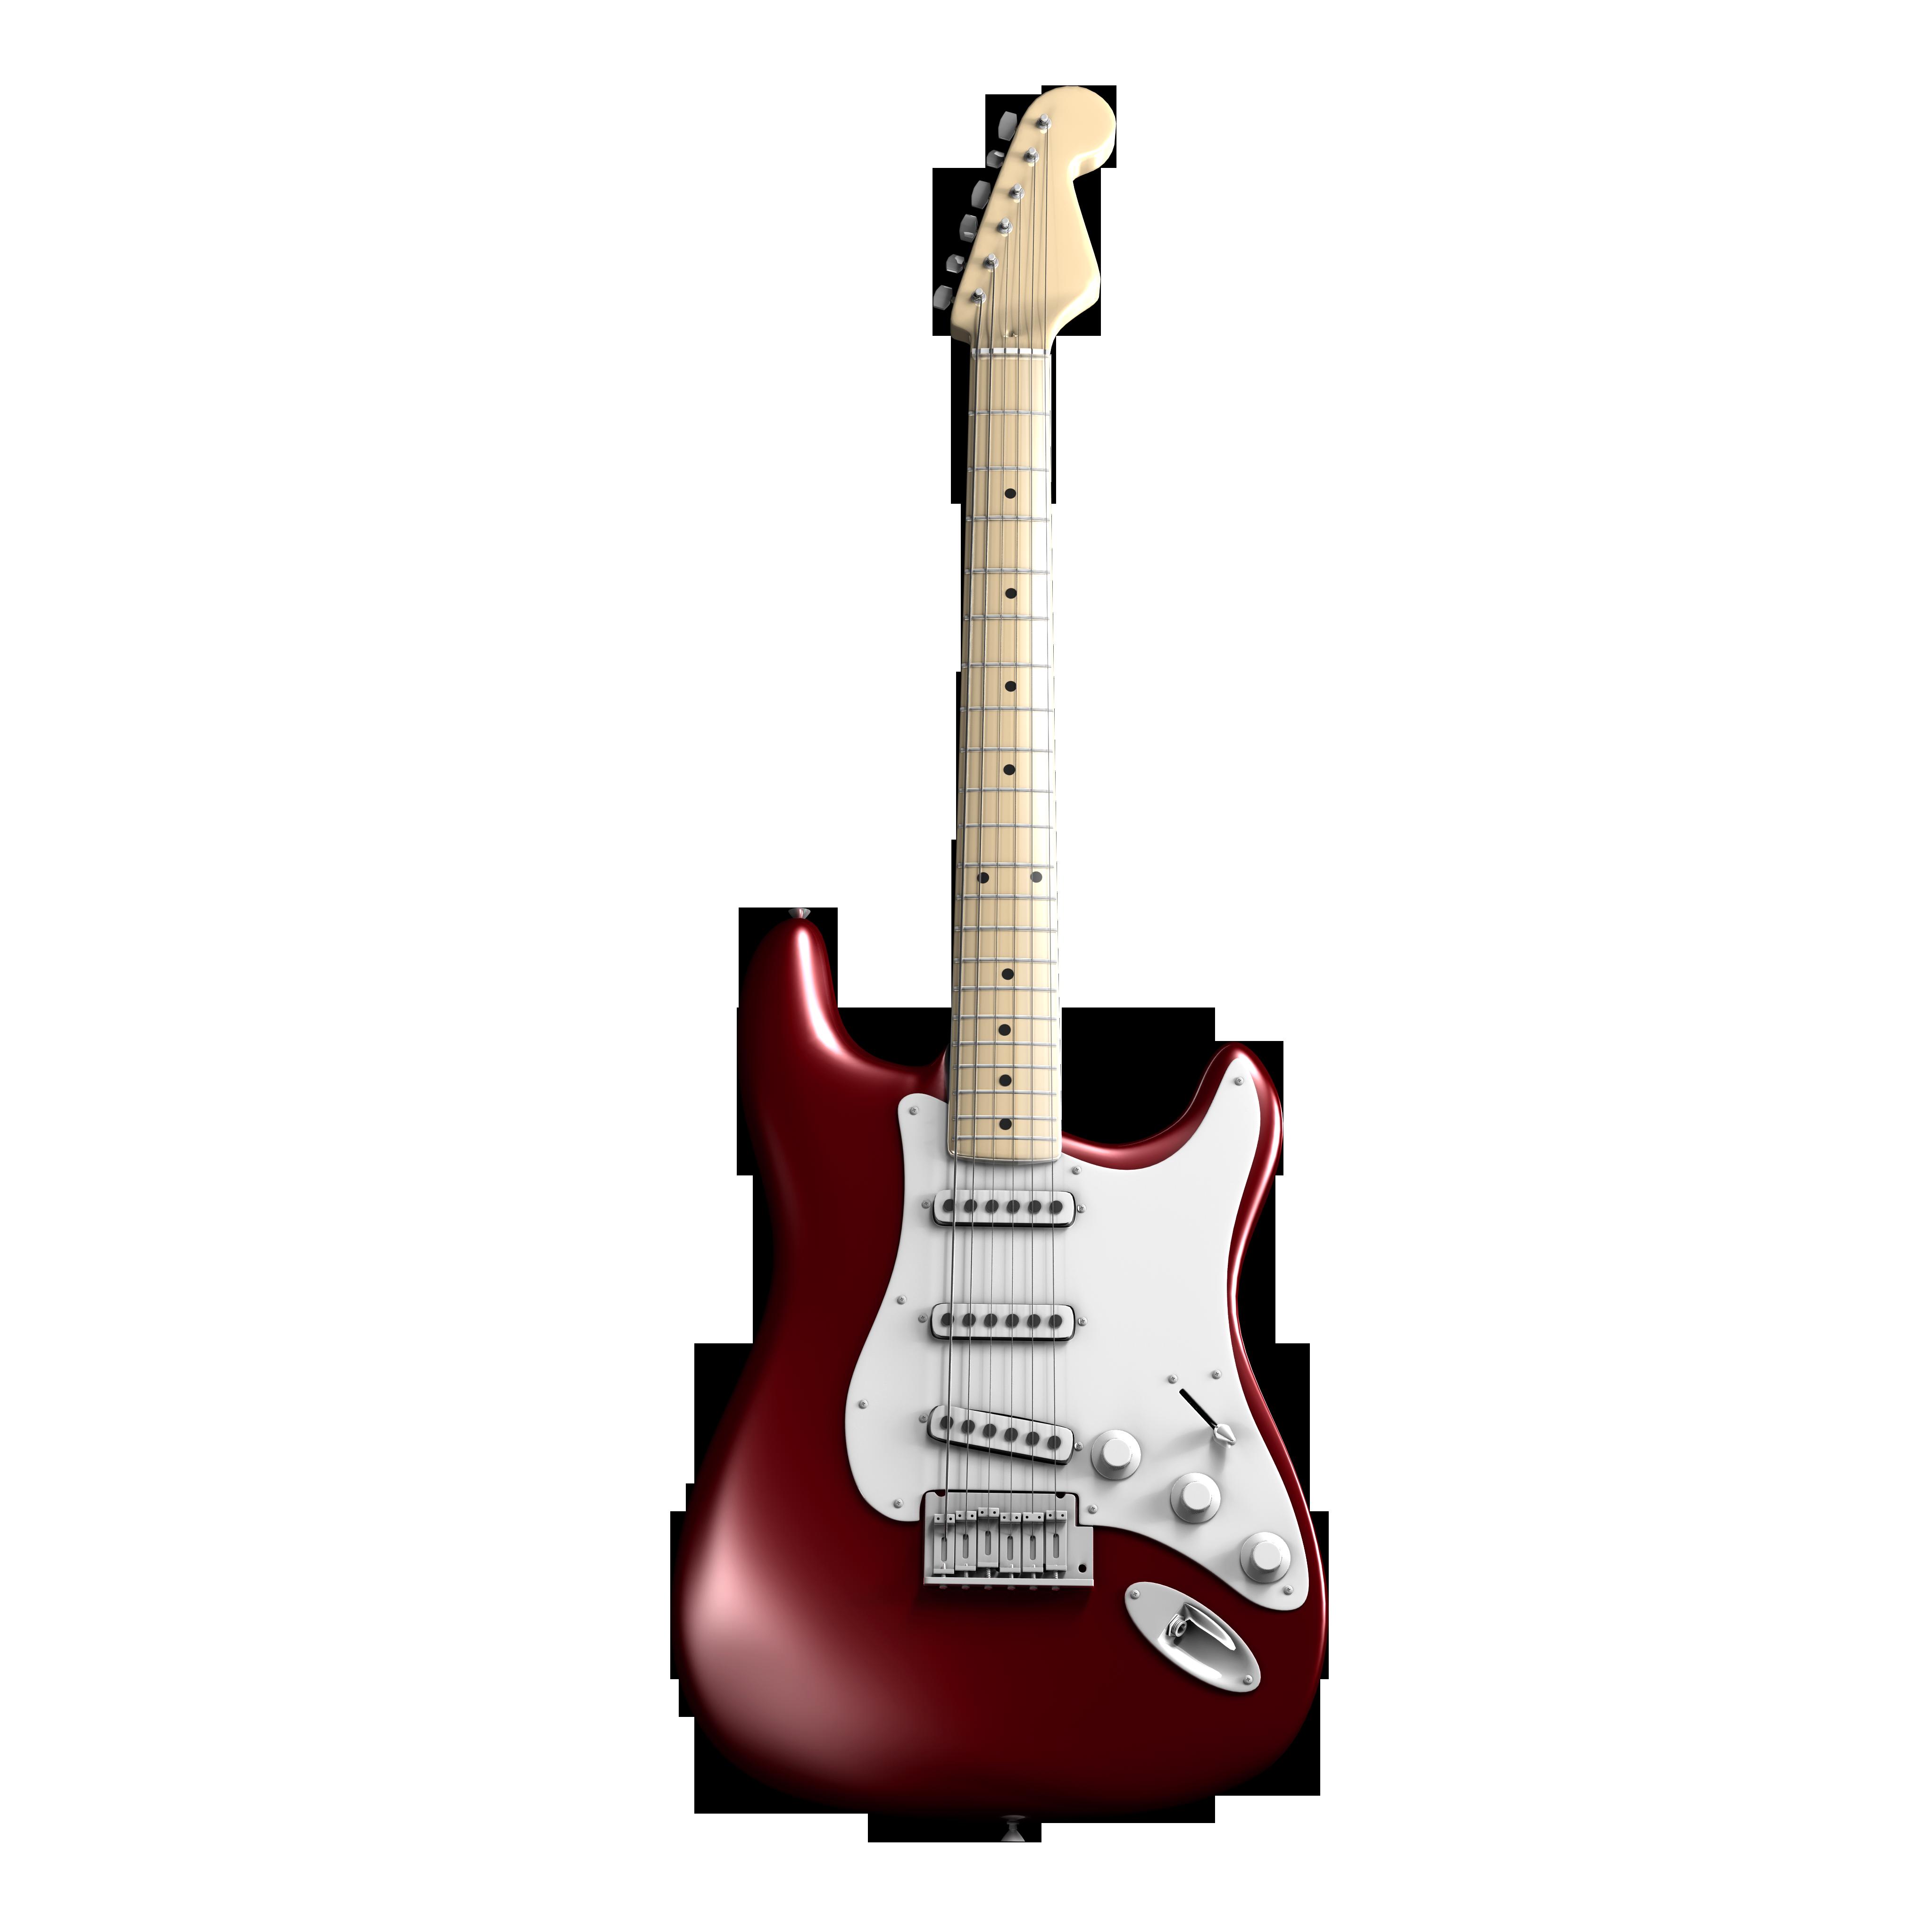 Electric Guitar Electric Guitar Guitar Heavy Metal Guitar